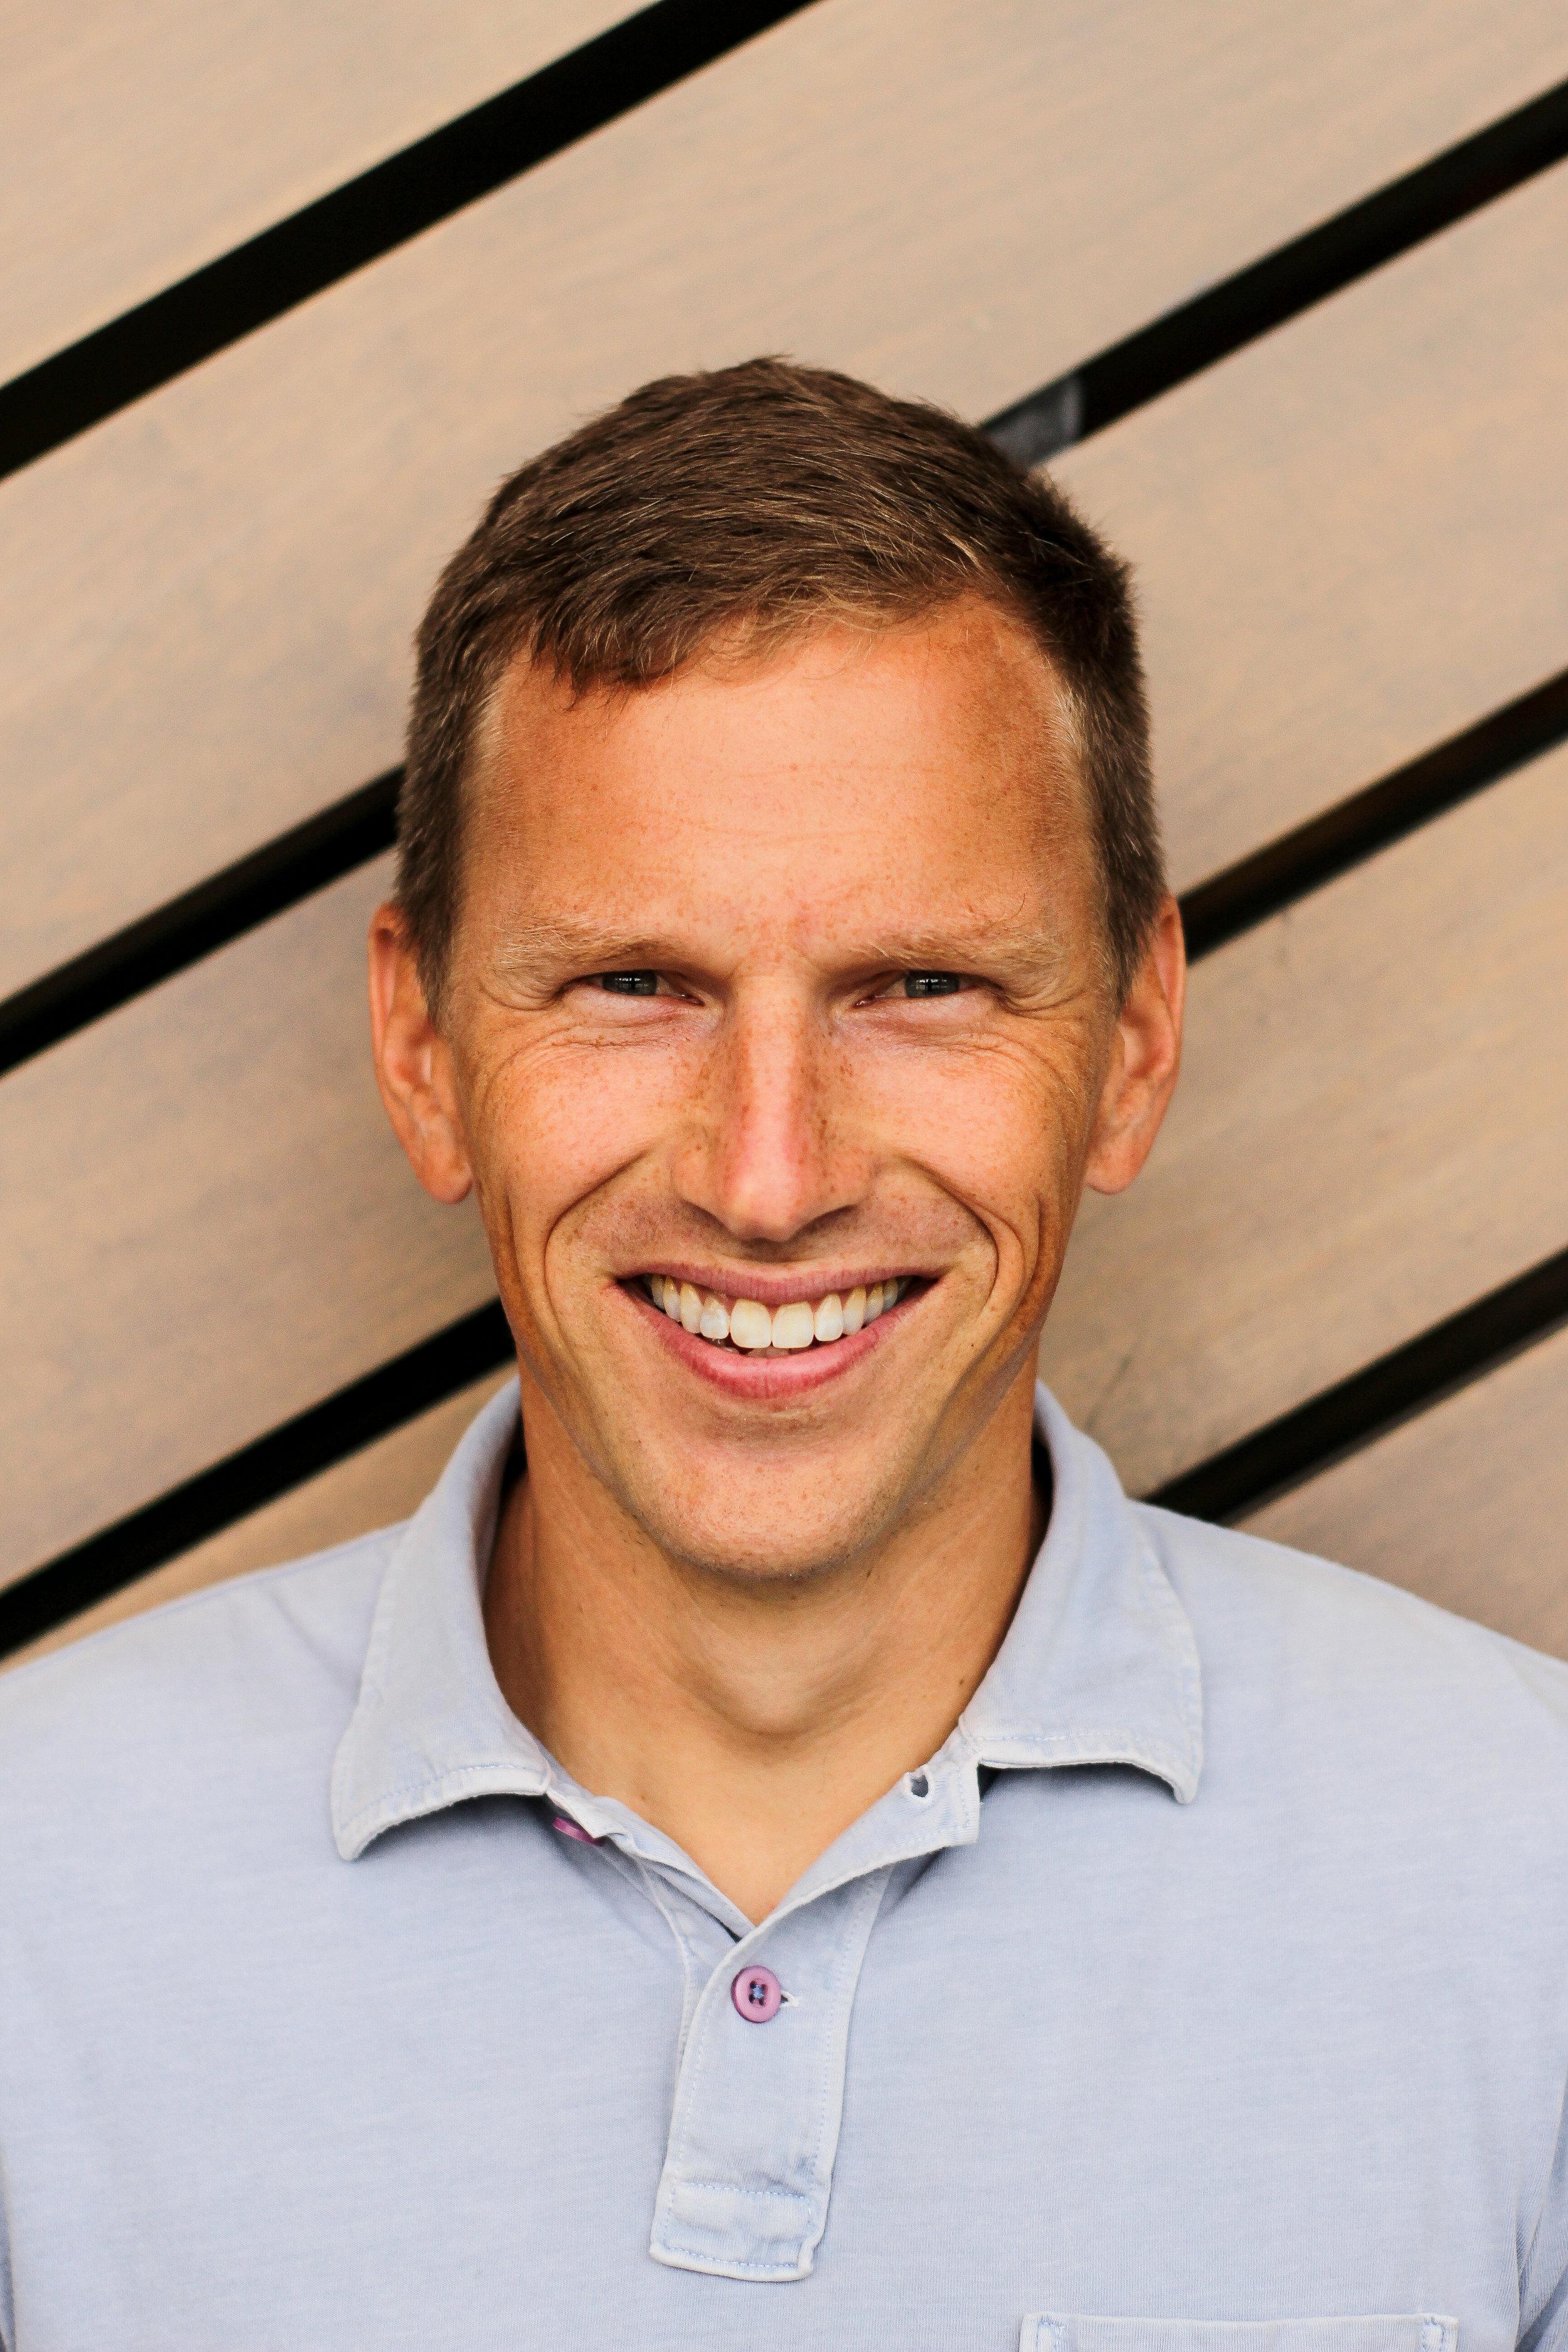 Nate Schipper